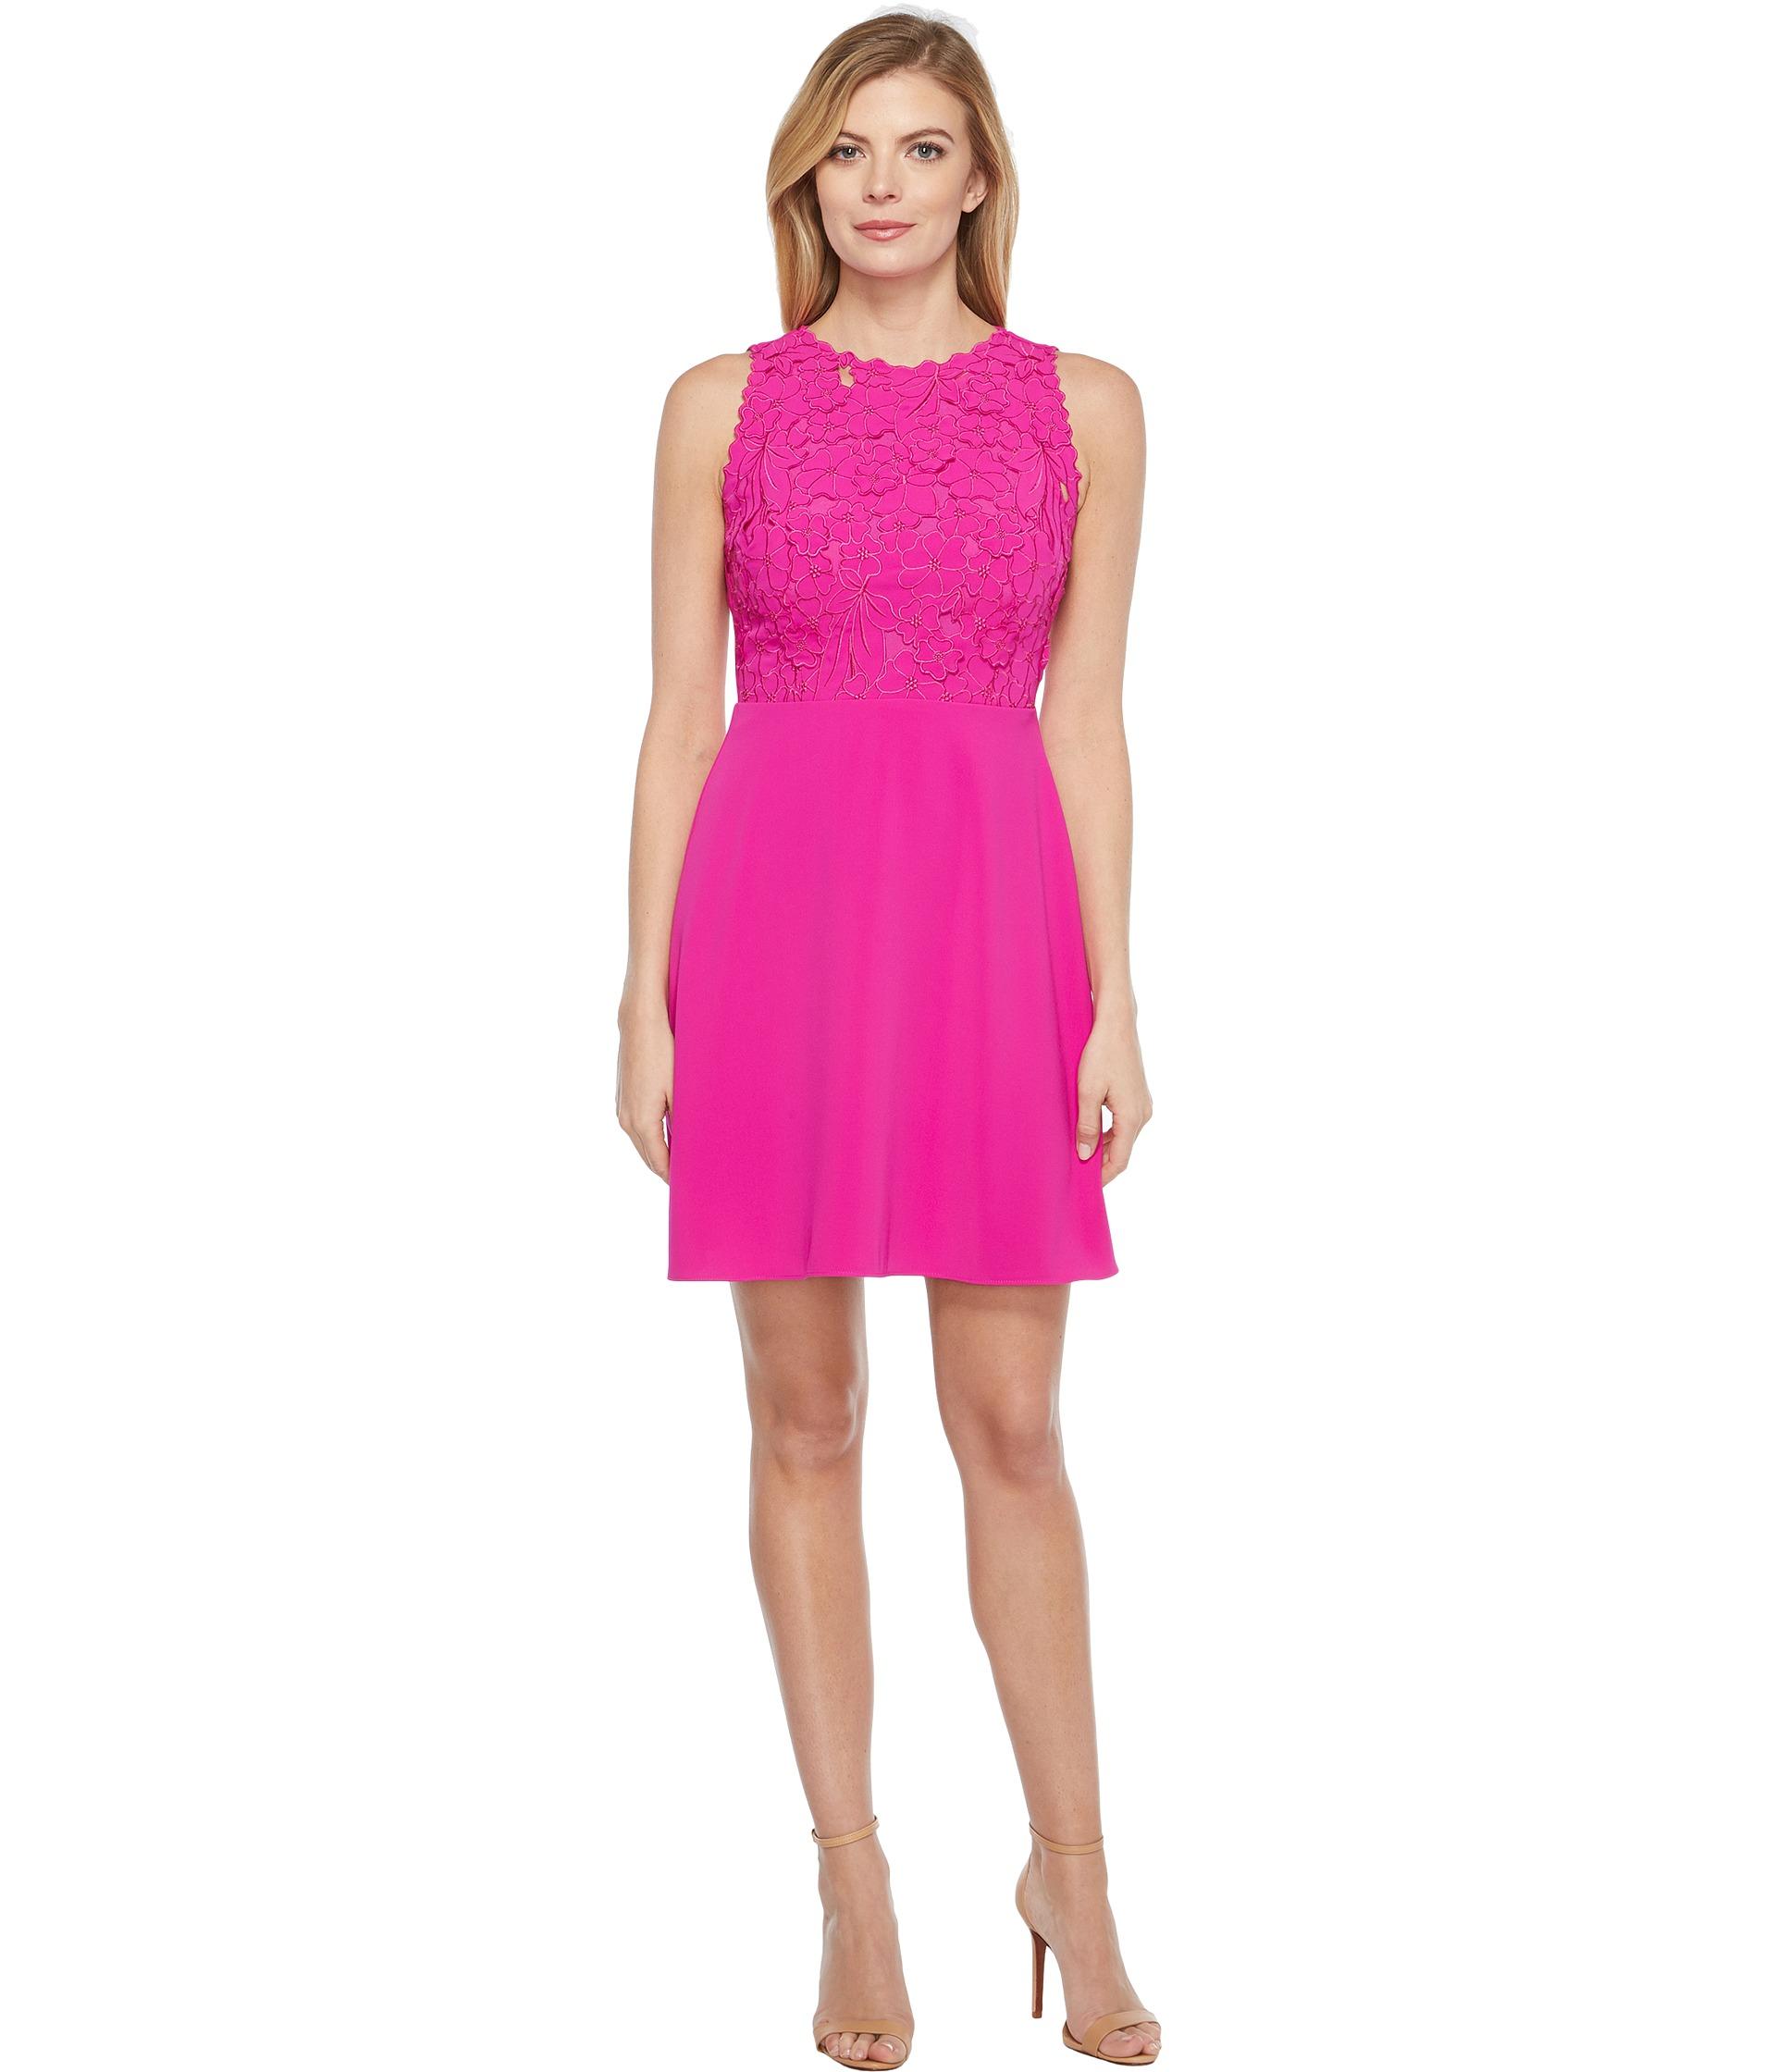 hot pink sheath dress ejn dress